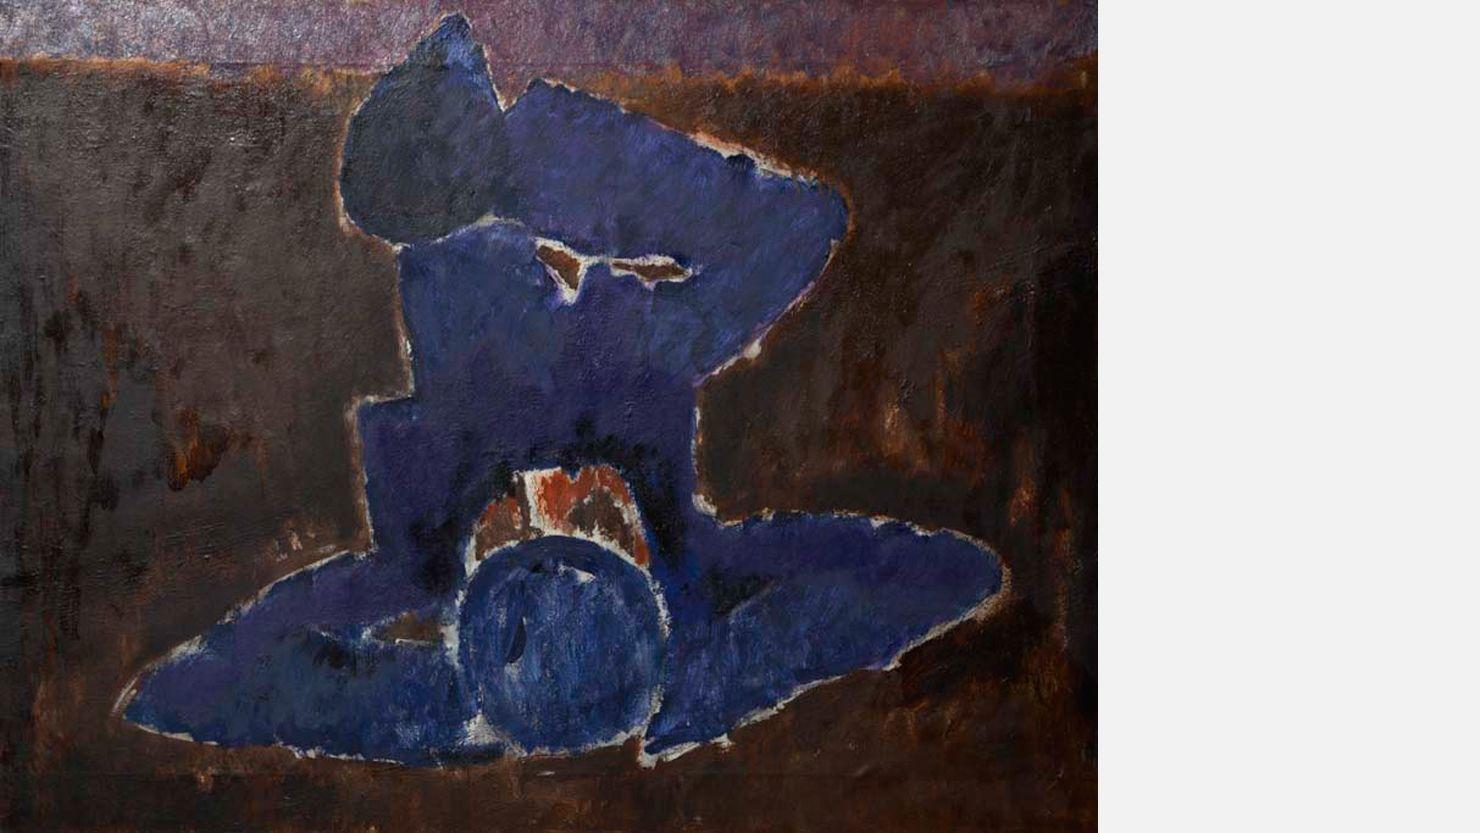 Reclining Figure by Josef Herman